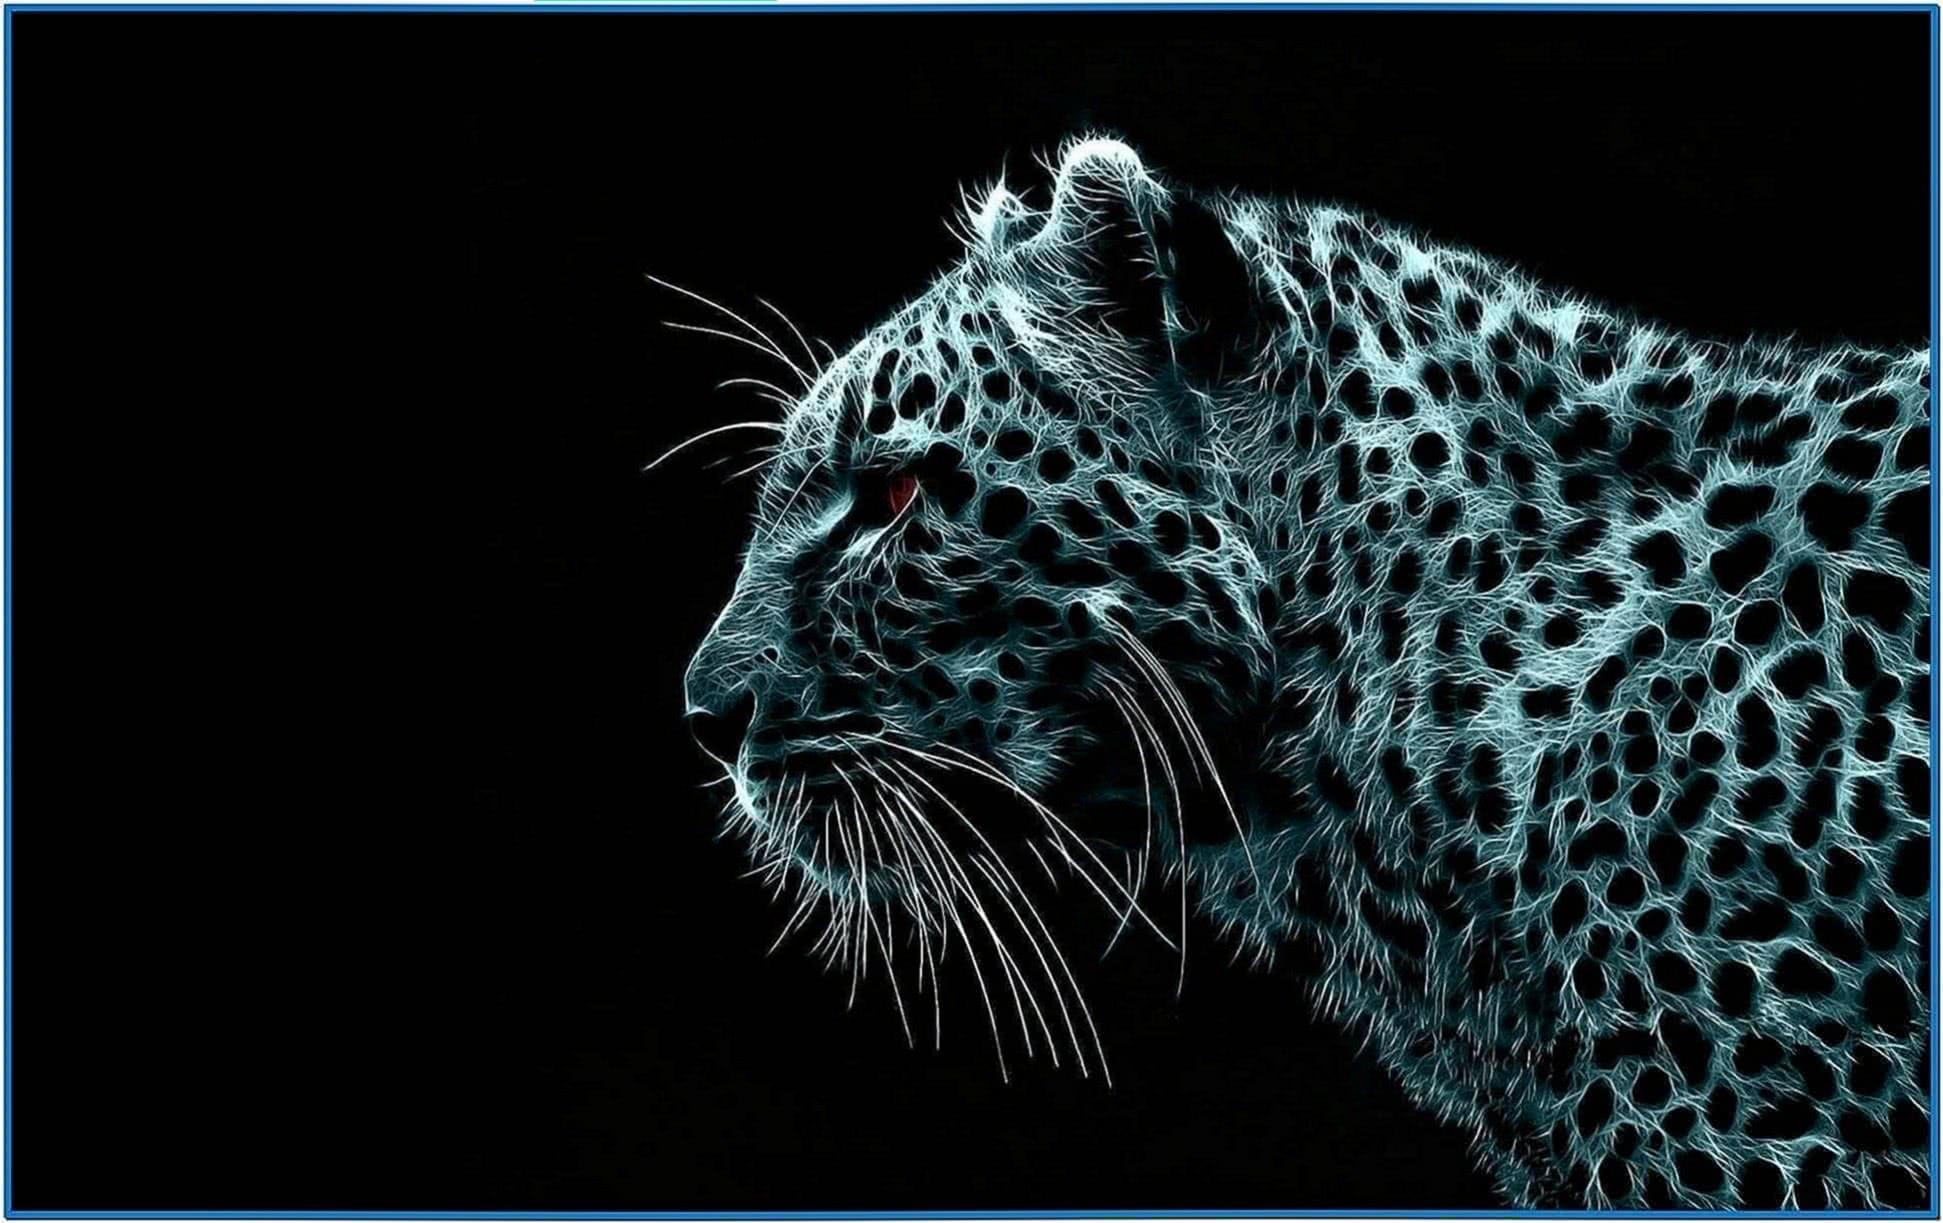 3d screensavers mac snow leopard - Download free